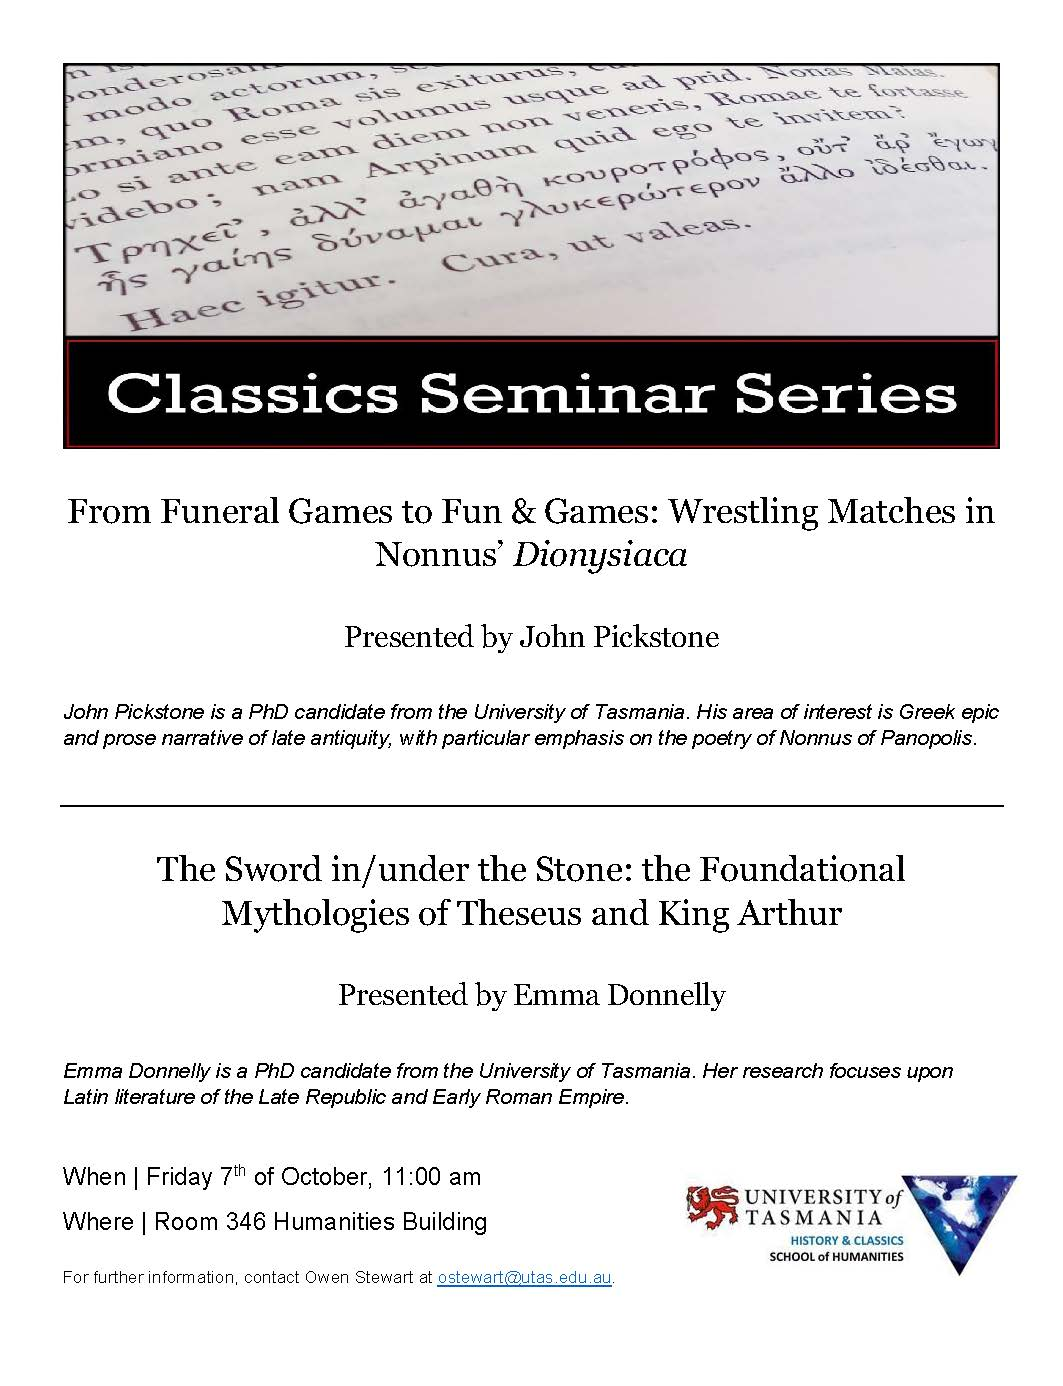 Classics Seminar - Wrestling and the Sword